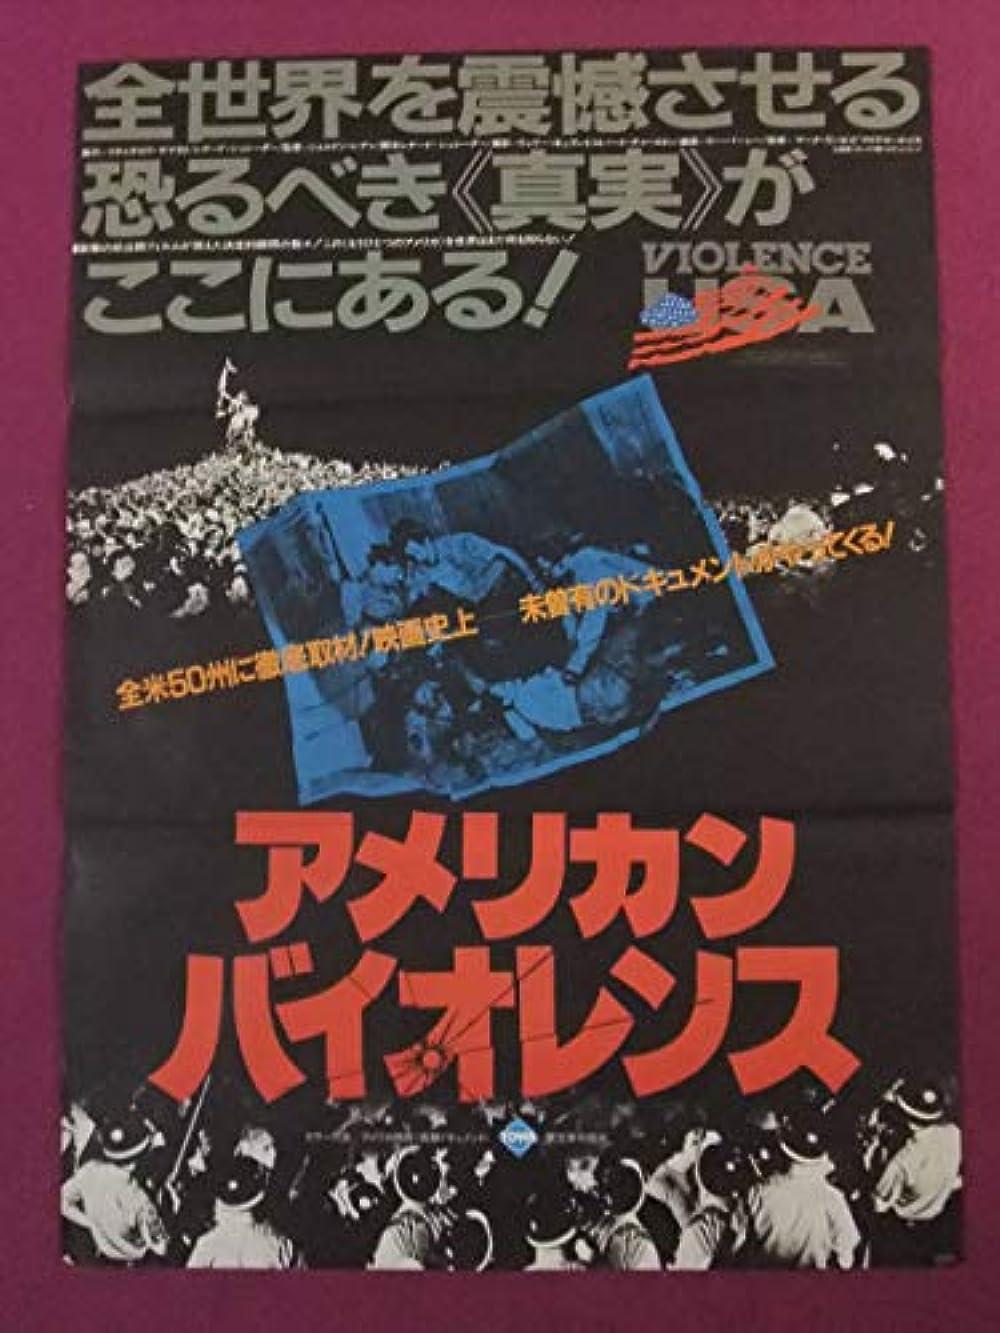 彼女野ウサギ帰するM323洋画ポスターアメリカンバイオレンス長編ドキュメント映画